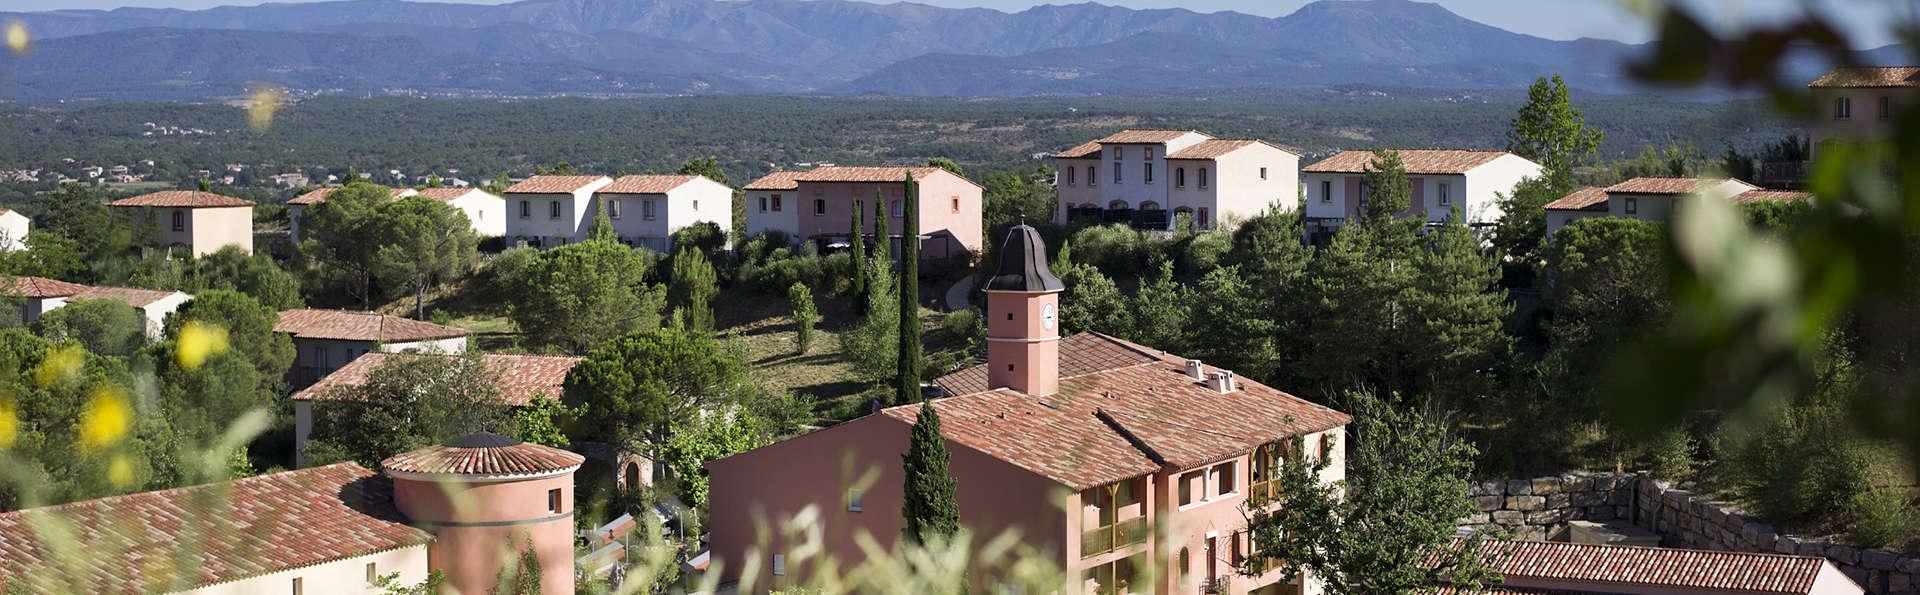 Pierre et Vacances Village Club Le Rouret - Edit_Hotel2.jpg